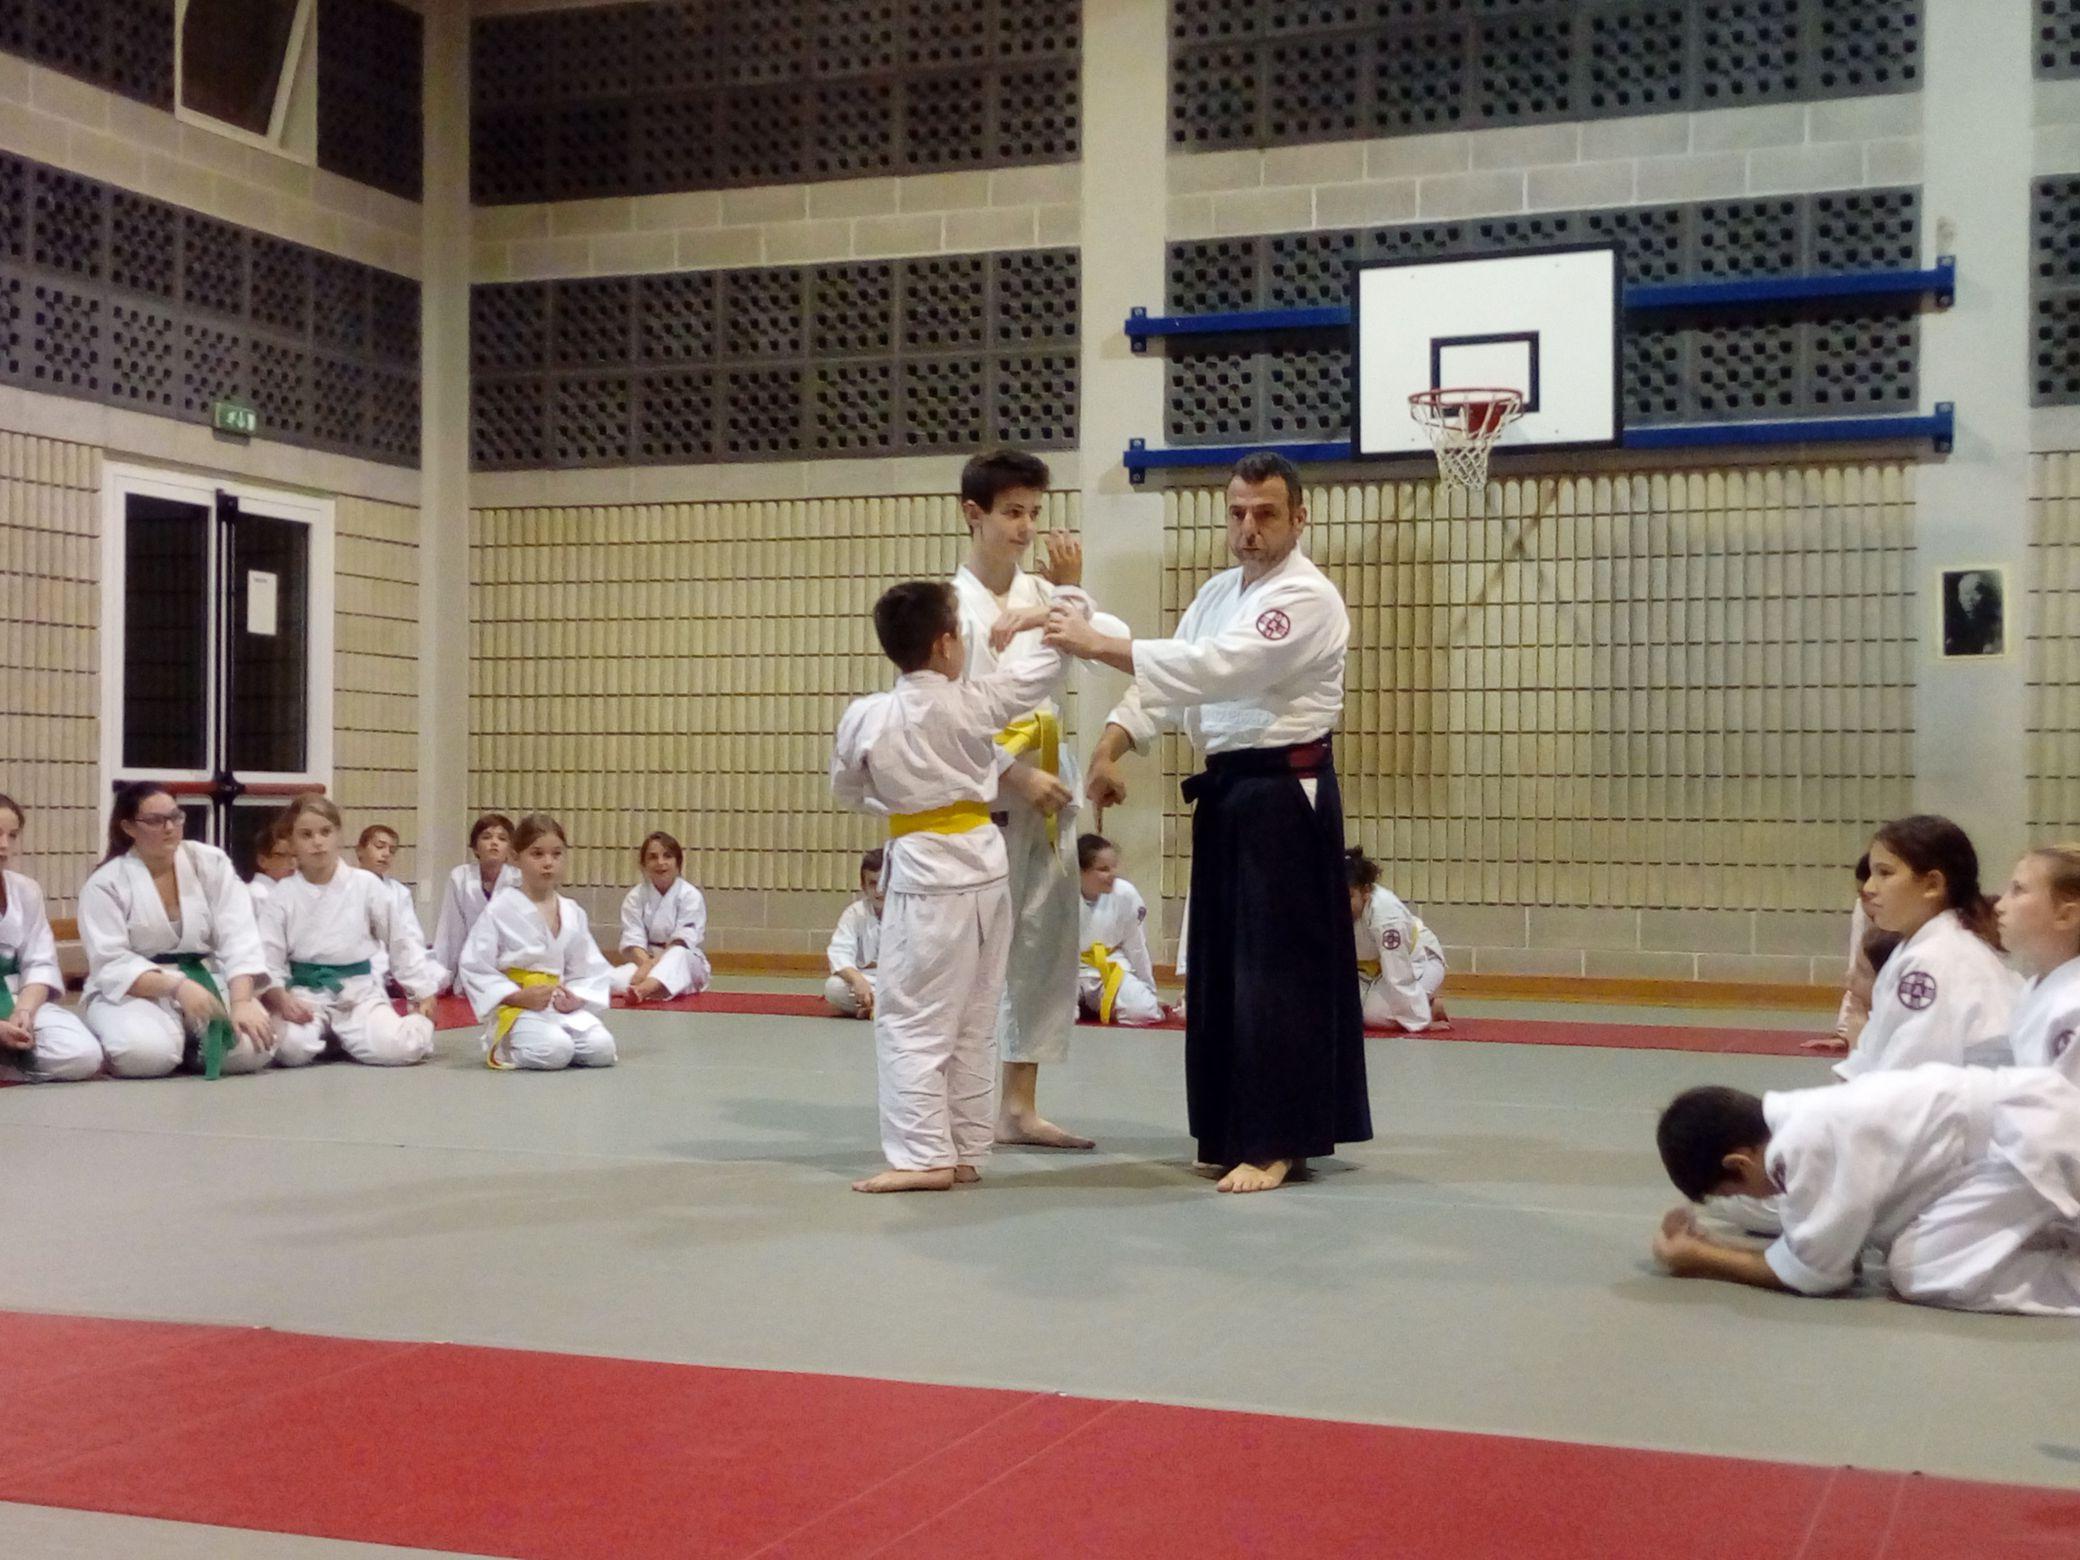 corso di aikido per bambini